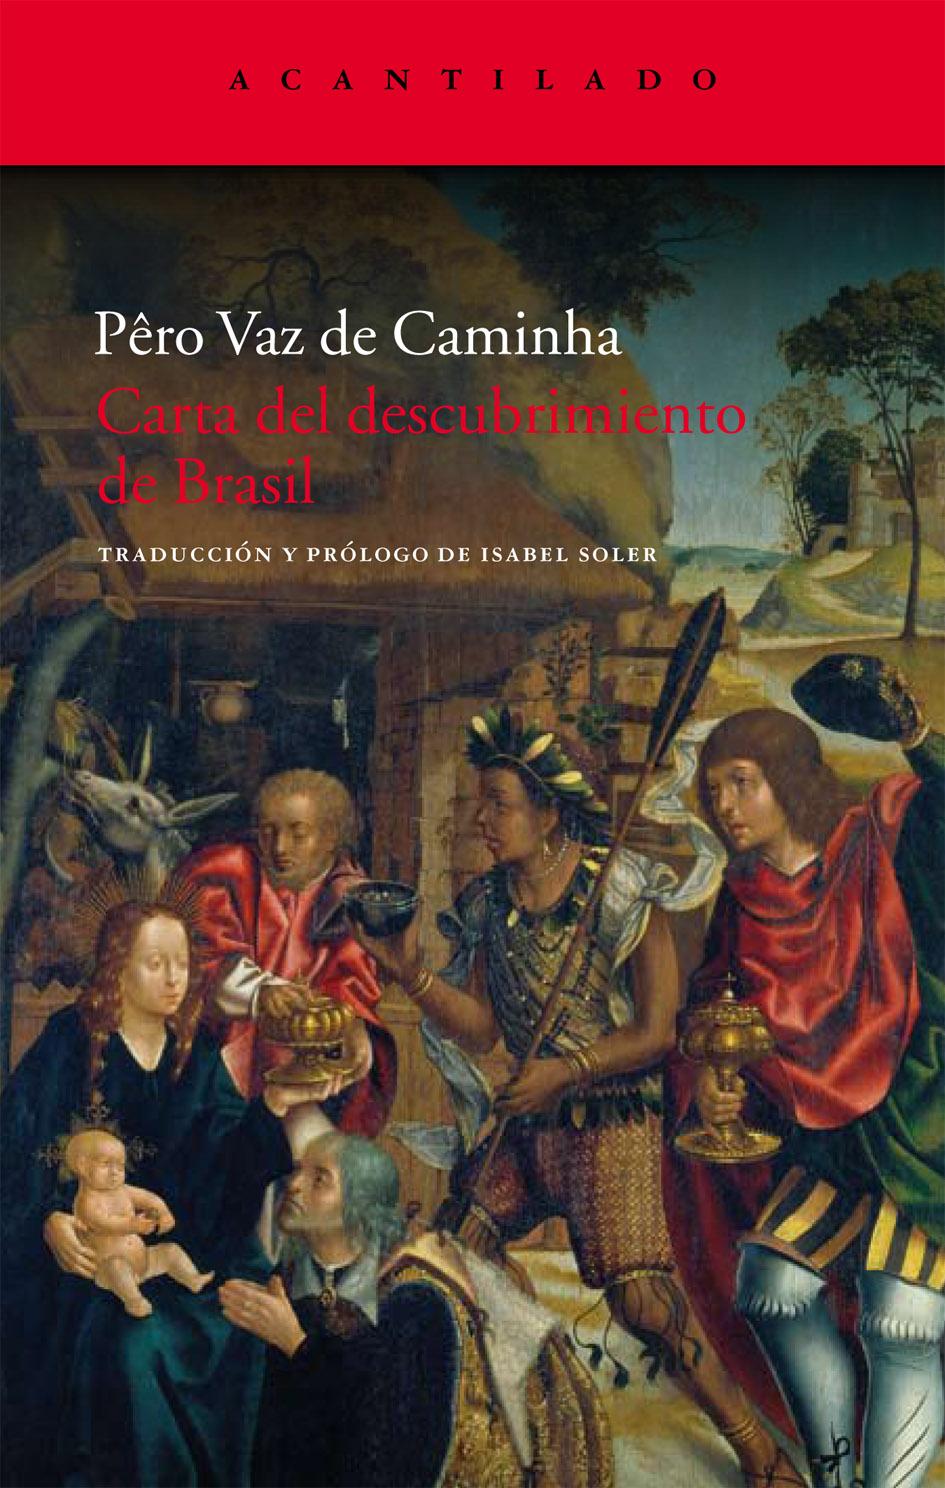 Carta del descubrimiento de Brasil | Editorial Acantilado